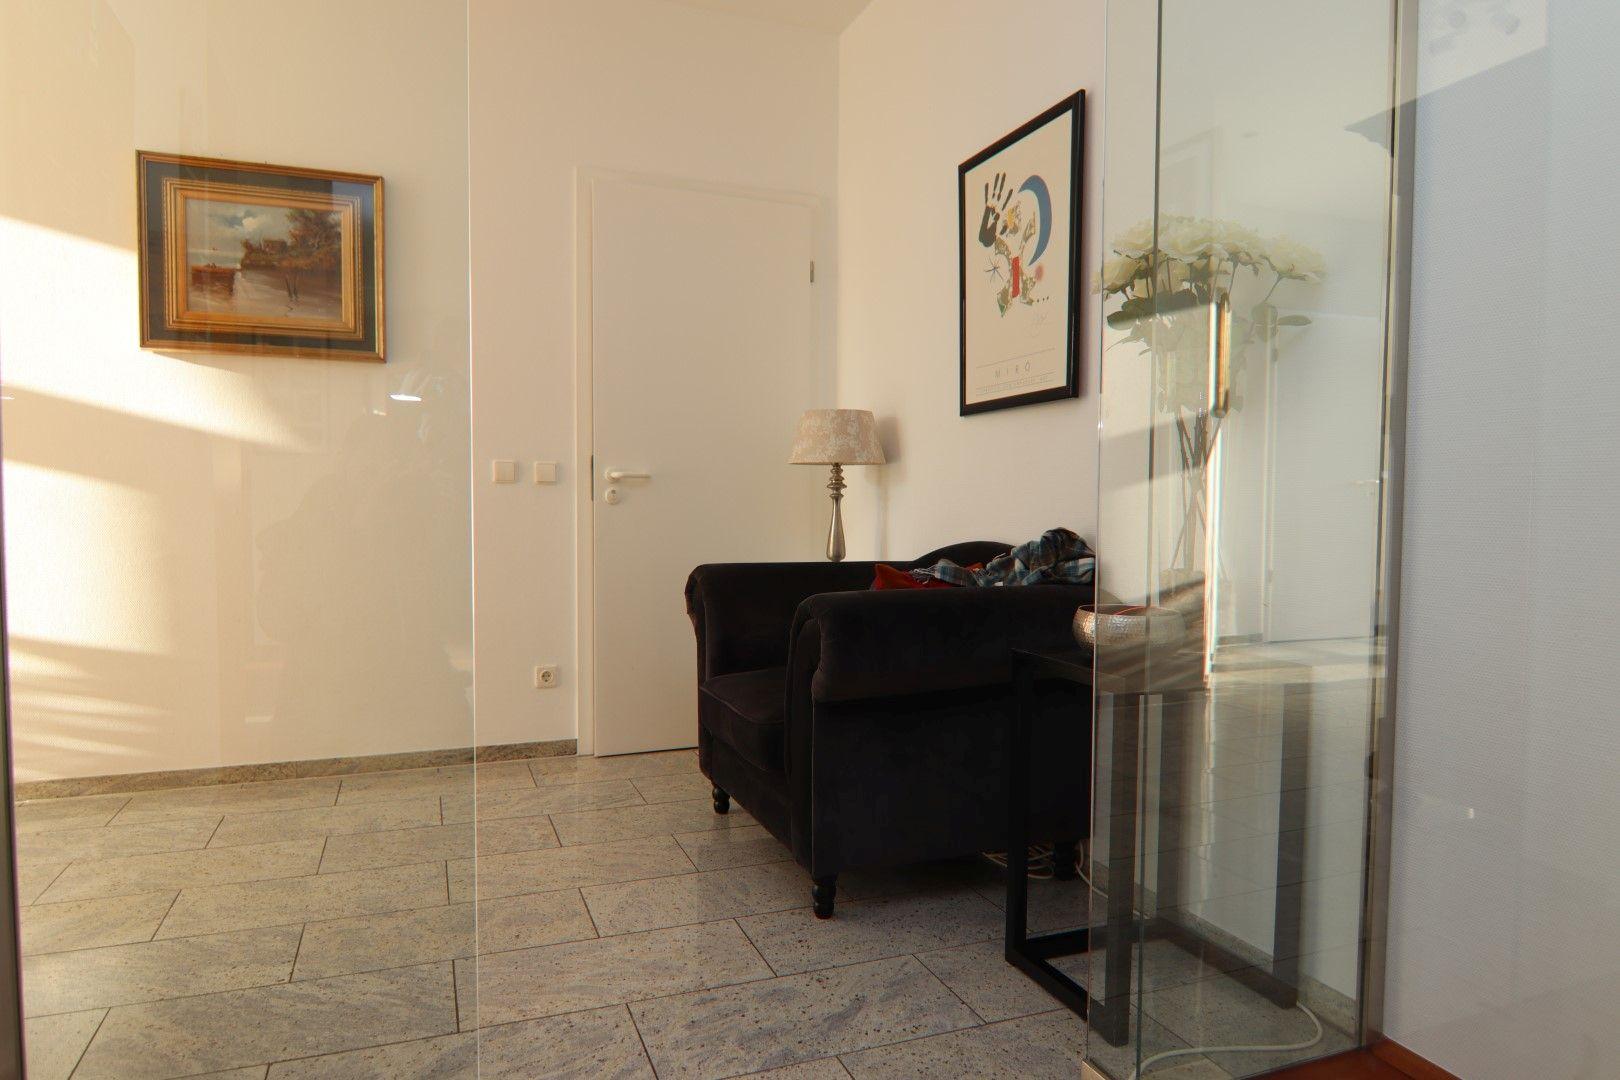 Immobilie Nr.0275 - 4-Raum-Deluxe-Wohnung mit Aufzug, Dachterrasse u. Garage - Bild main.jpg